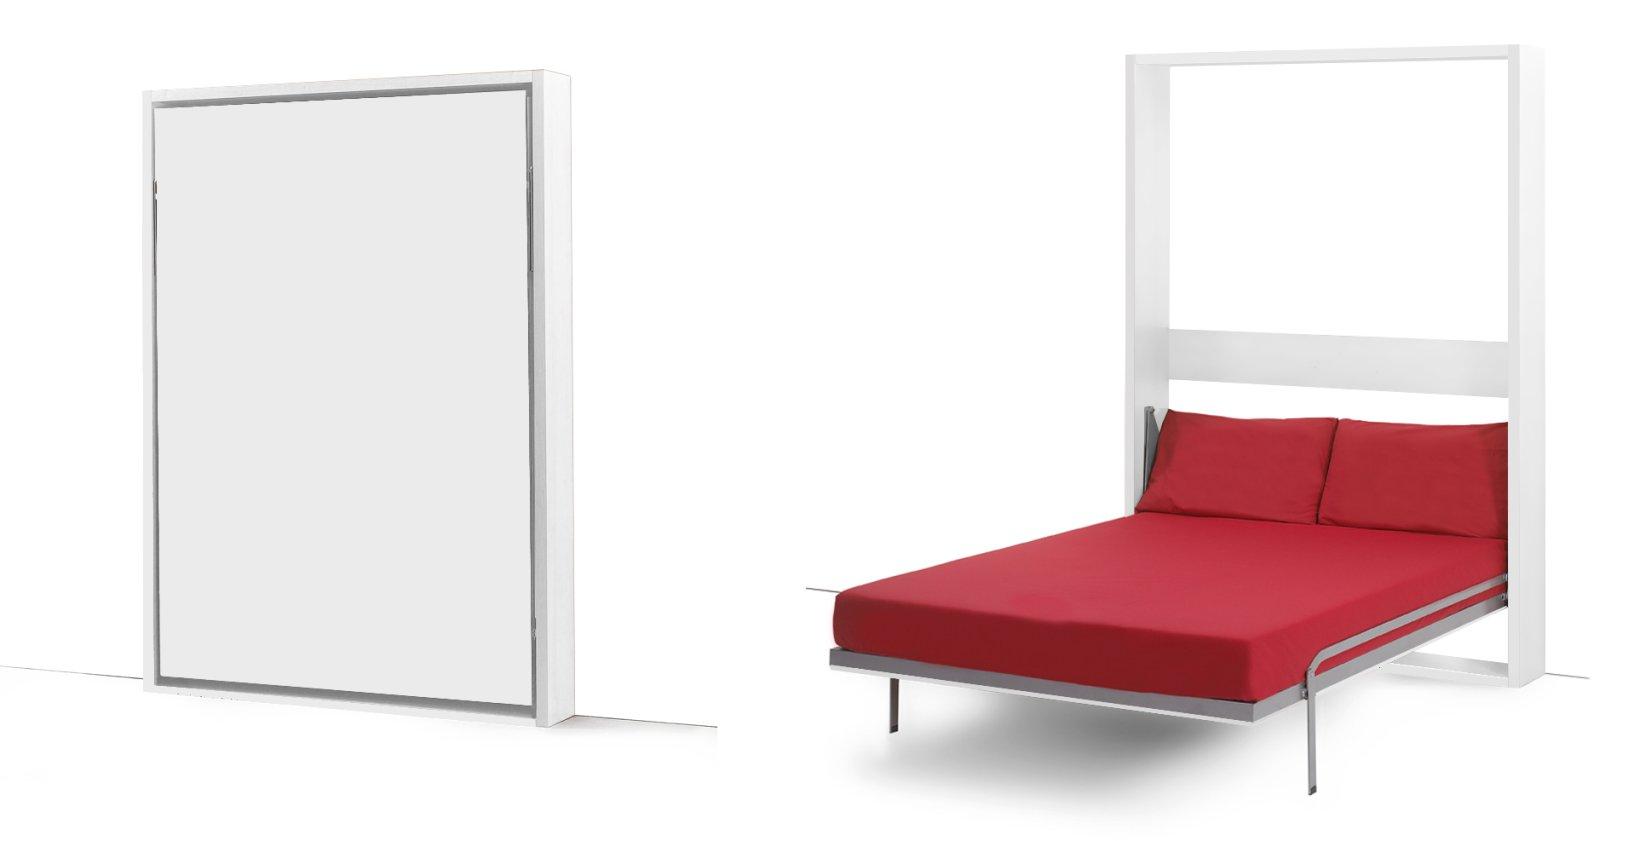 lit escamotable 2 personnes pas cher